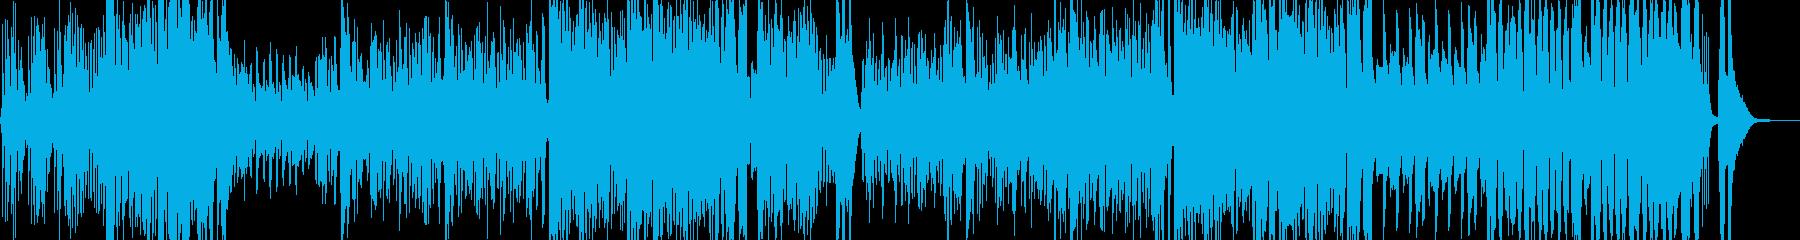 小動物的なコミカルマーチの再生済みの波形